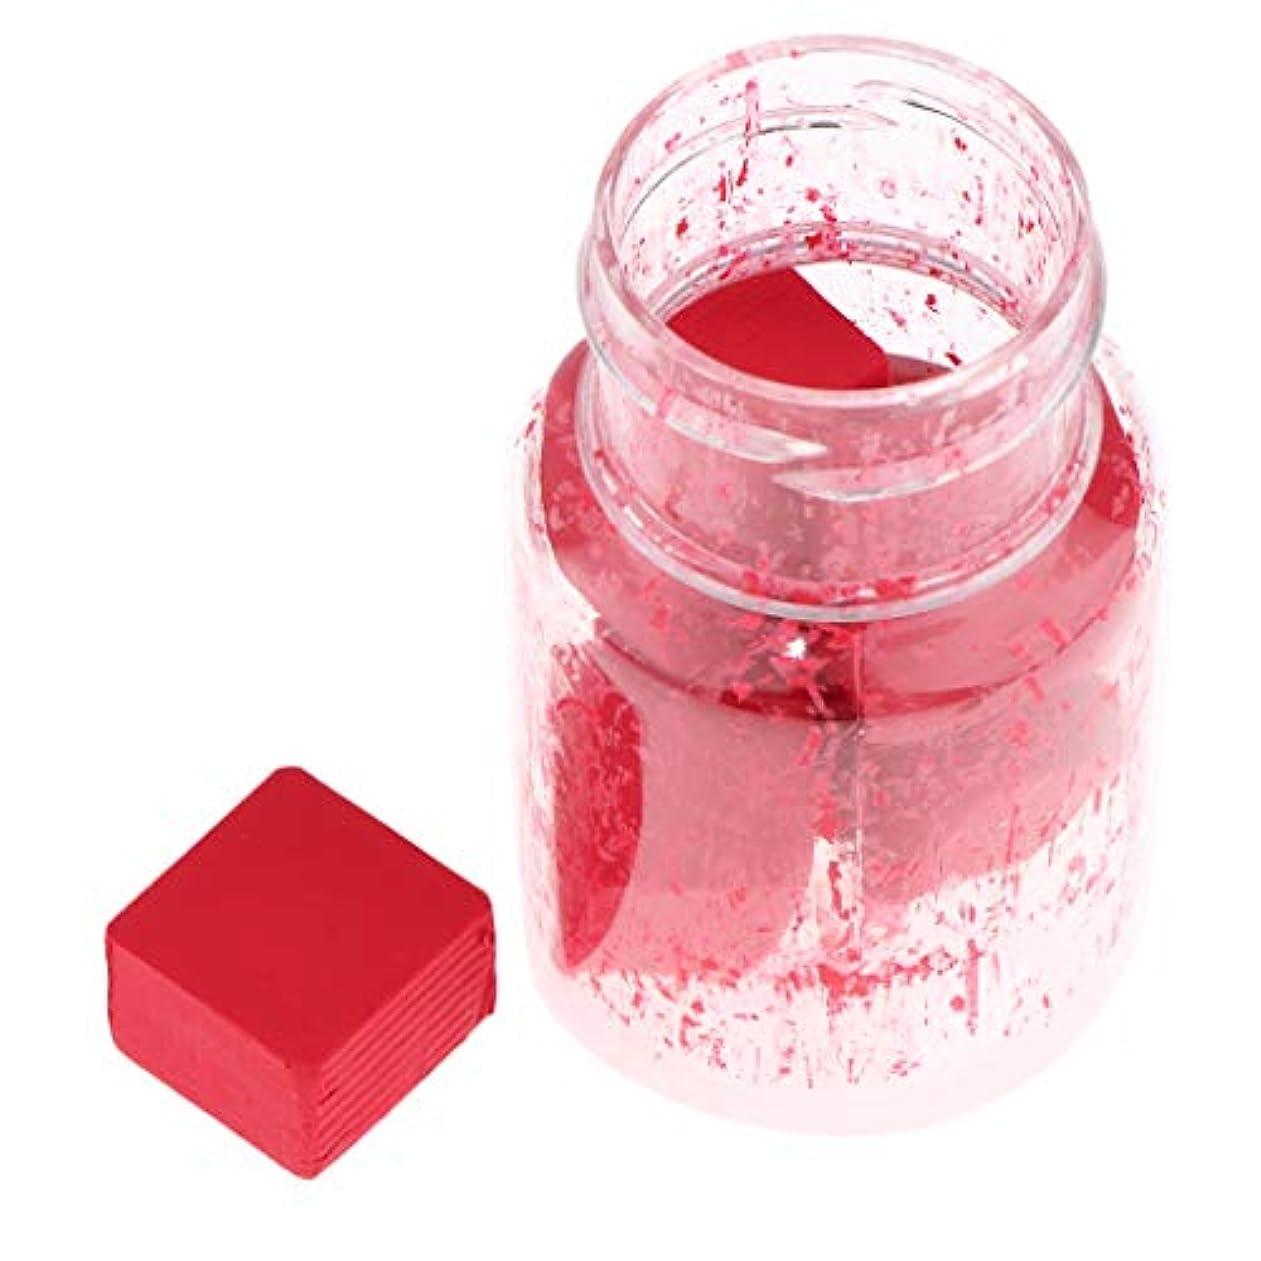 修士号本衝突コースT TOOYFUL DIY 口紅作り リップスティック材料 リップライナー顔料 2g DIY化粧品 9色選択でき - B